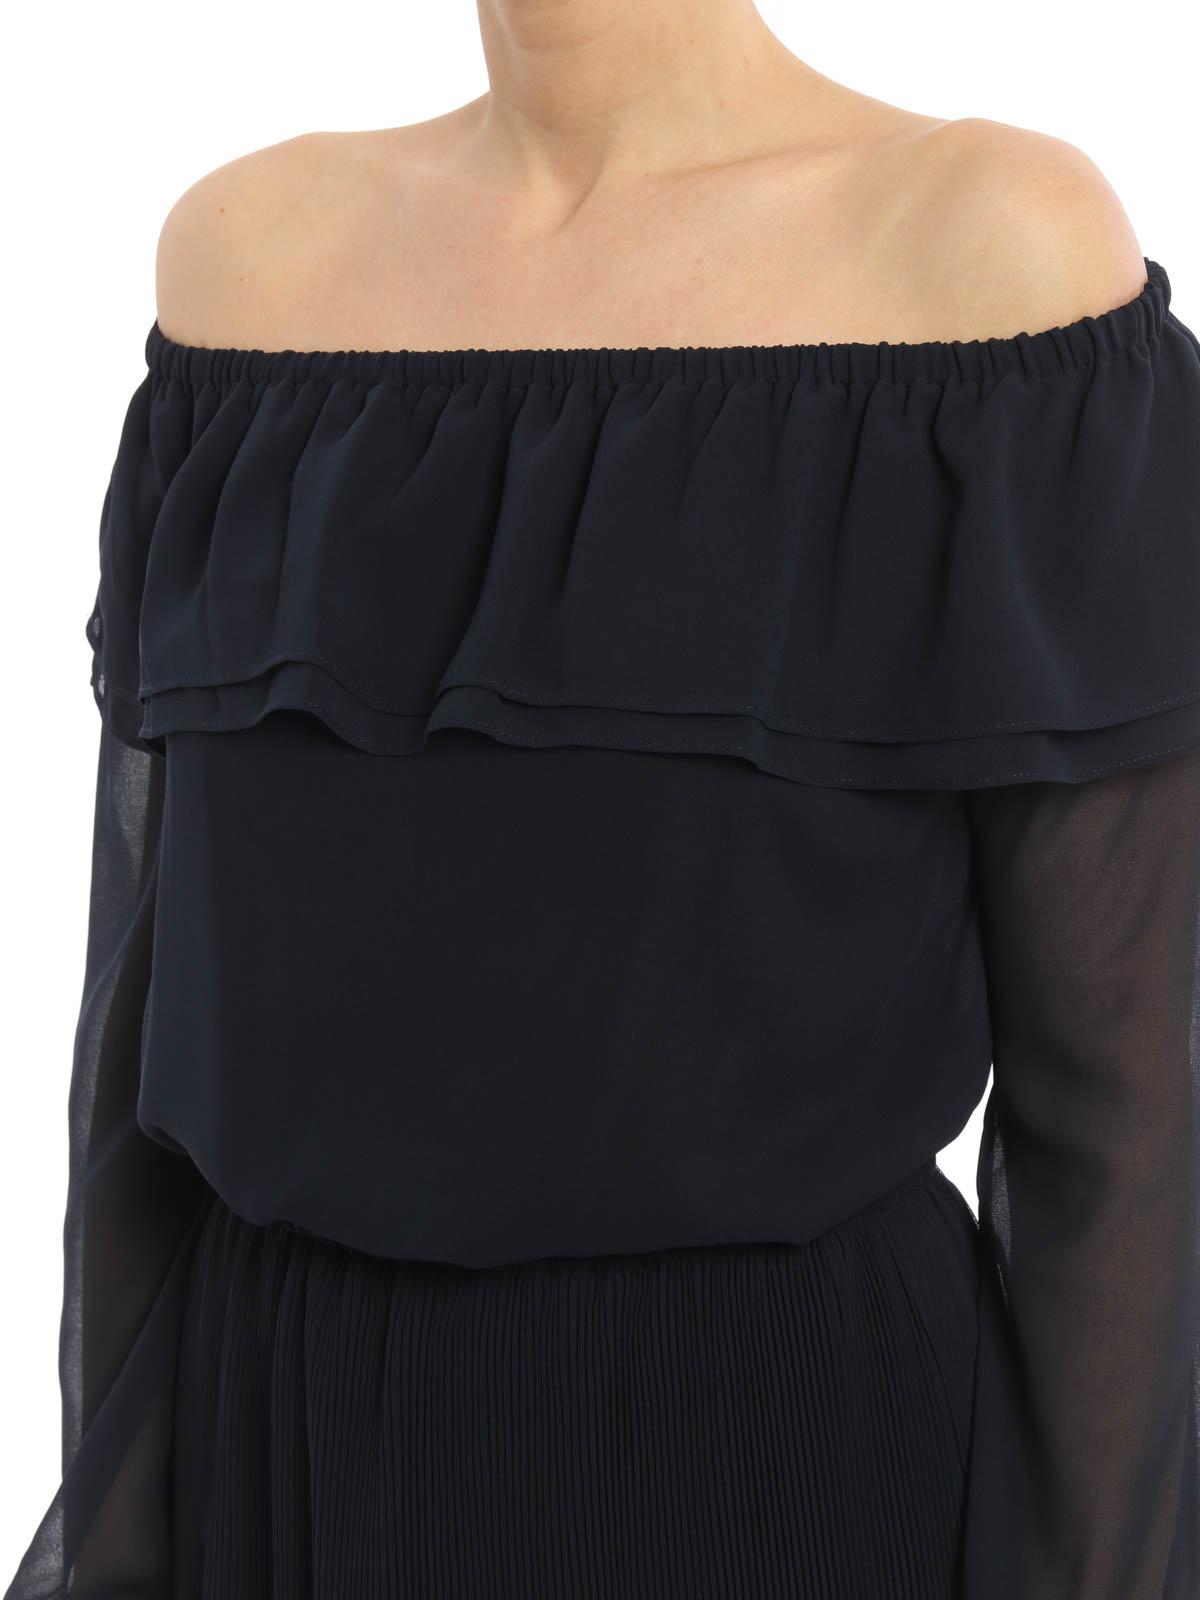 ea1b0df6d MICHAEL KORS buy online Vestido Corto Azul Oscuro. MICHAEL KORS  Vestidos  cortos ...